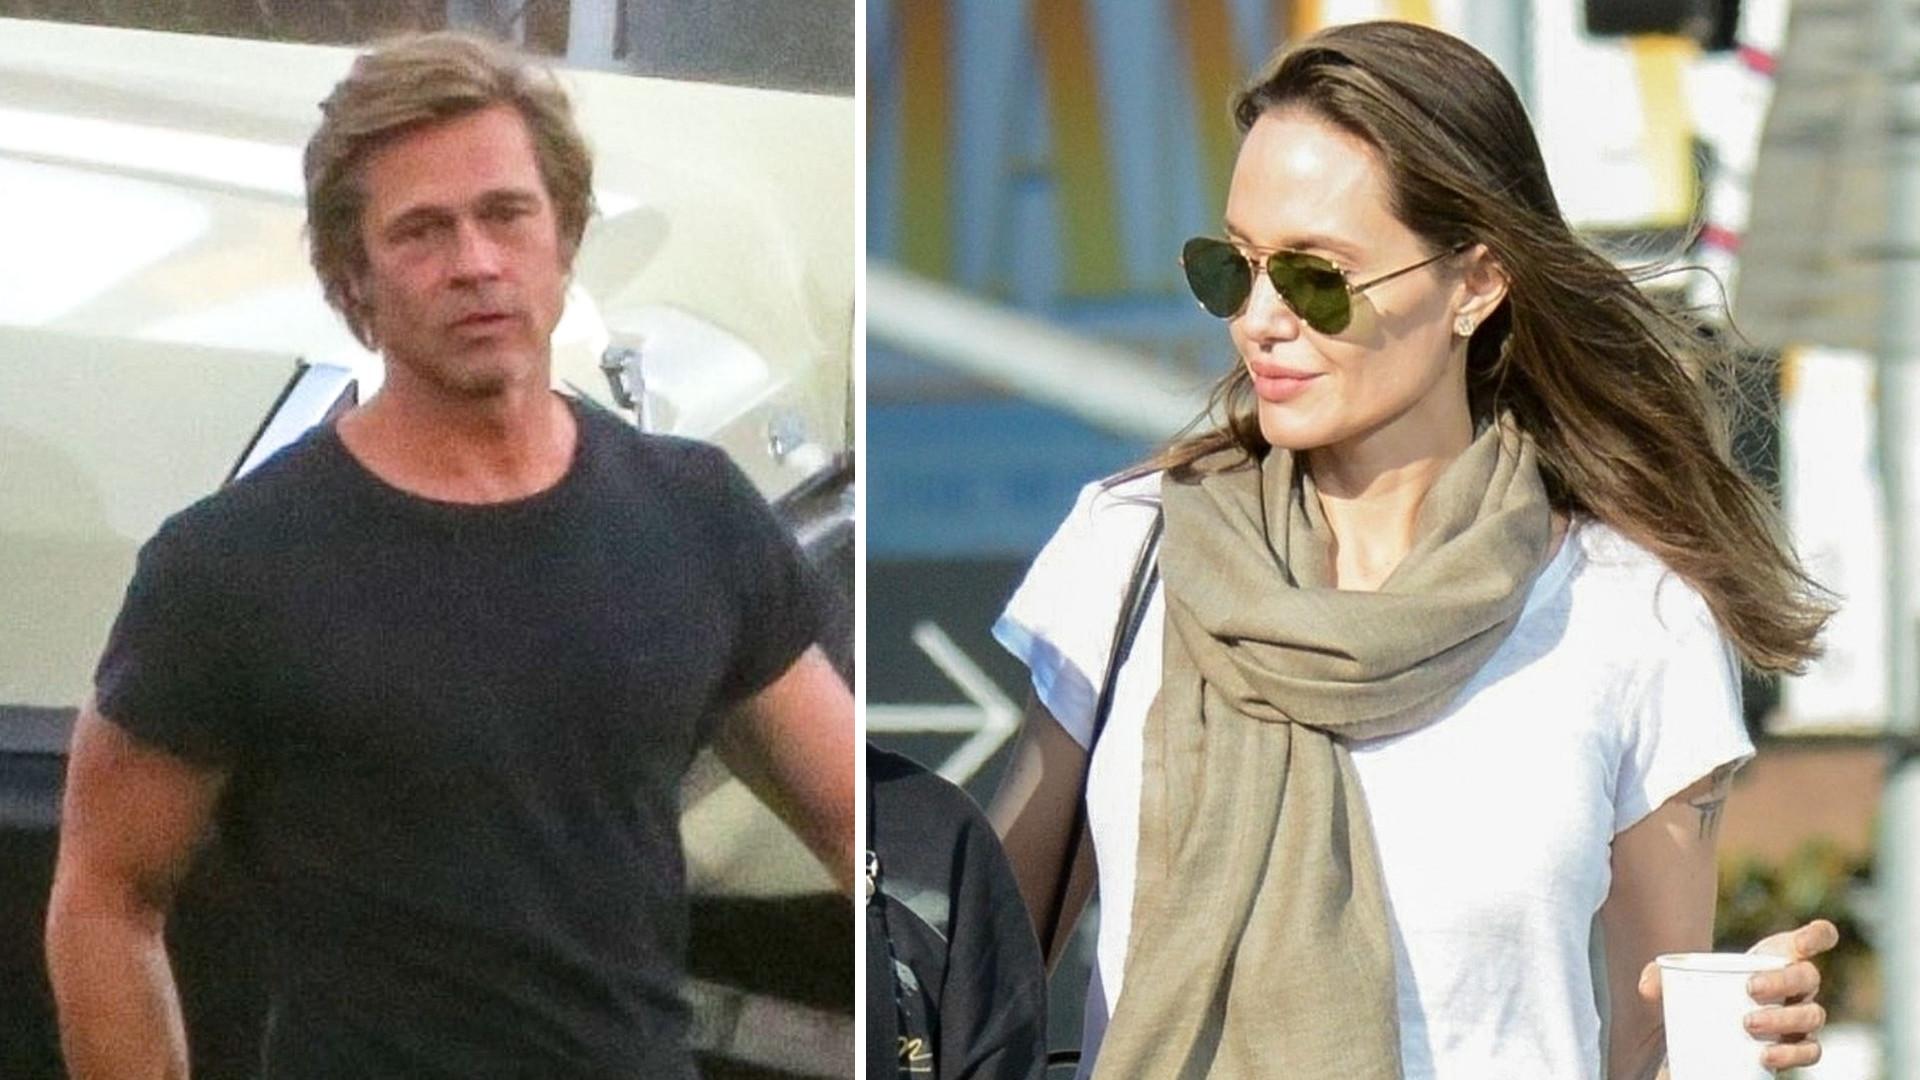 Nie uwierzycie, co pomogło Angelinie Jolie zapomnieć o Bradzie